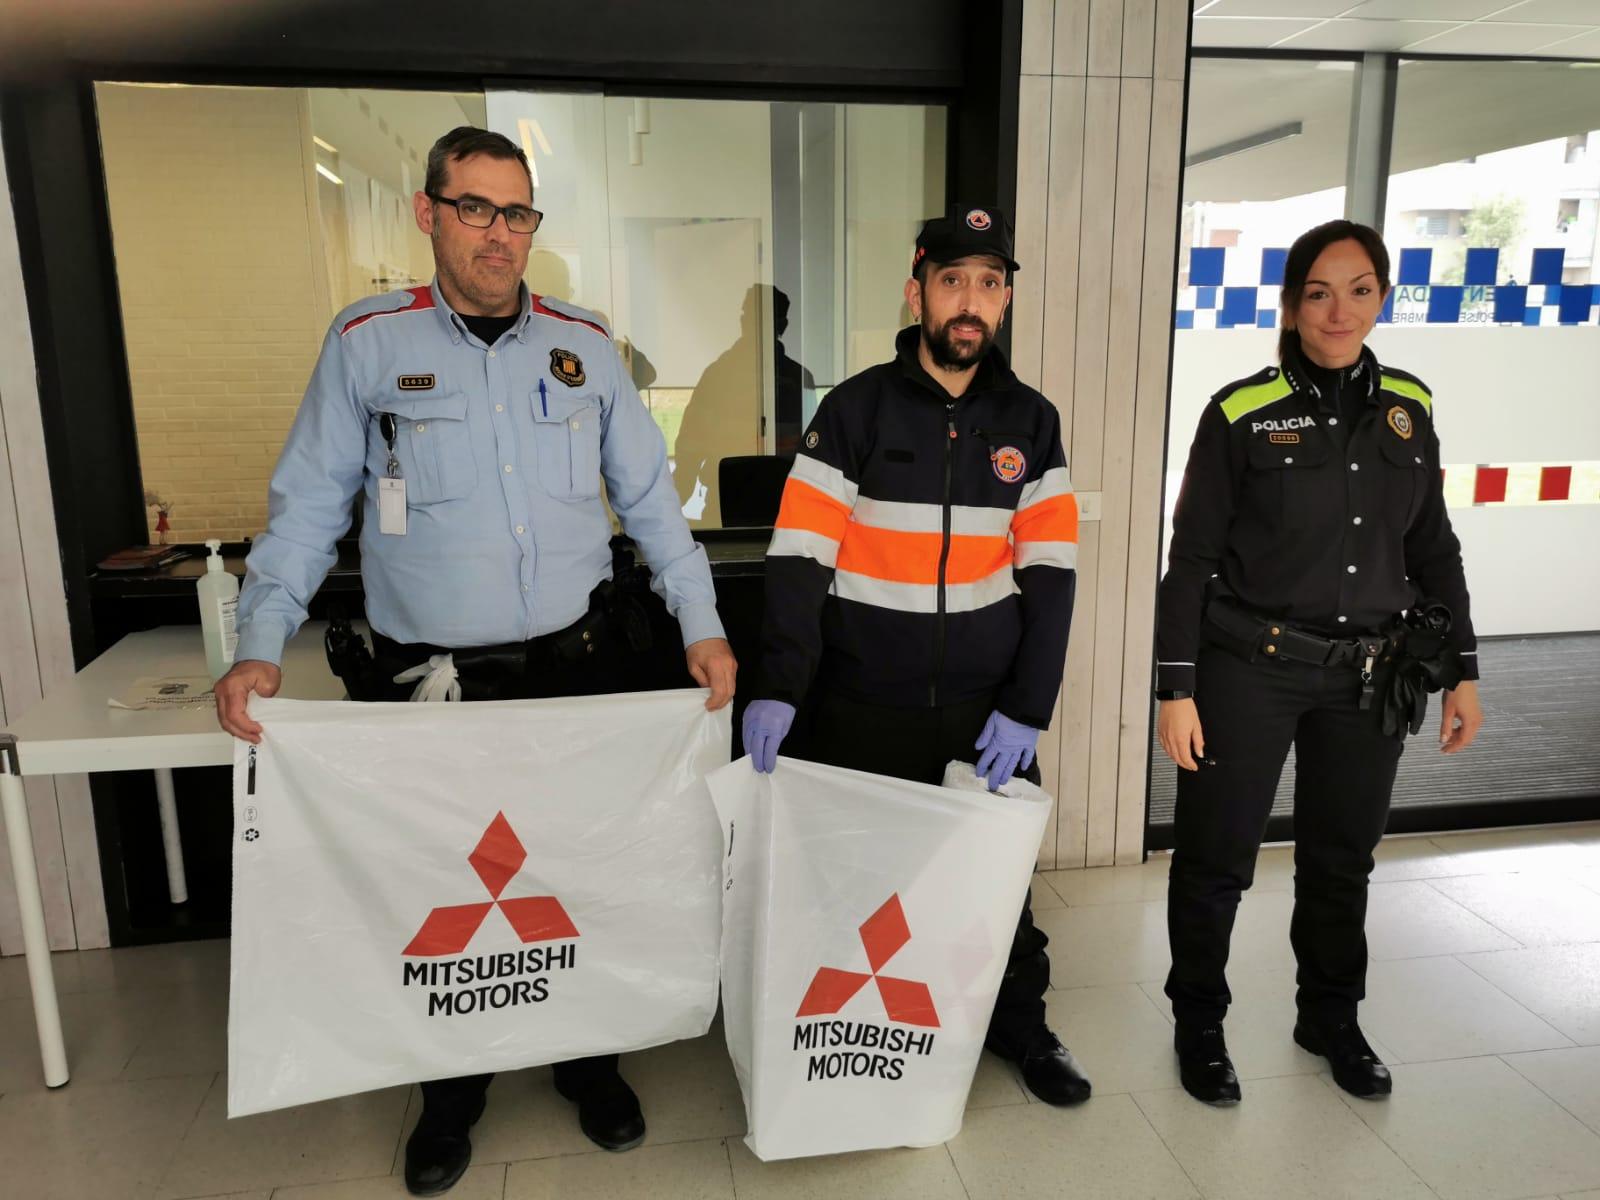 Mitsubishi AM 94 Motor col·labora amb ambulàncies i protecció civil